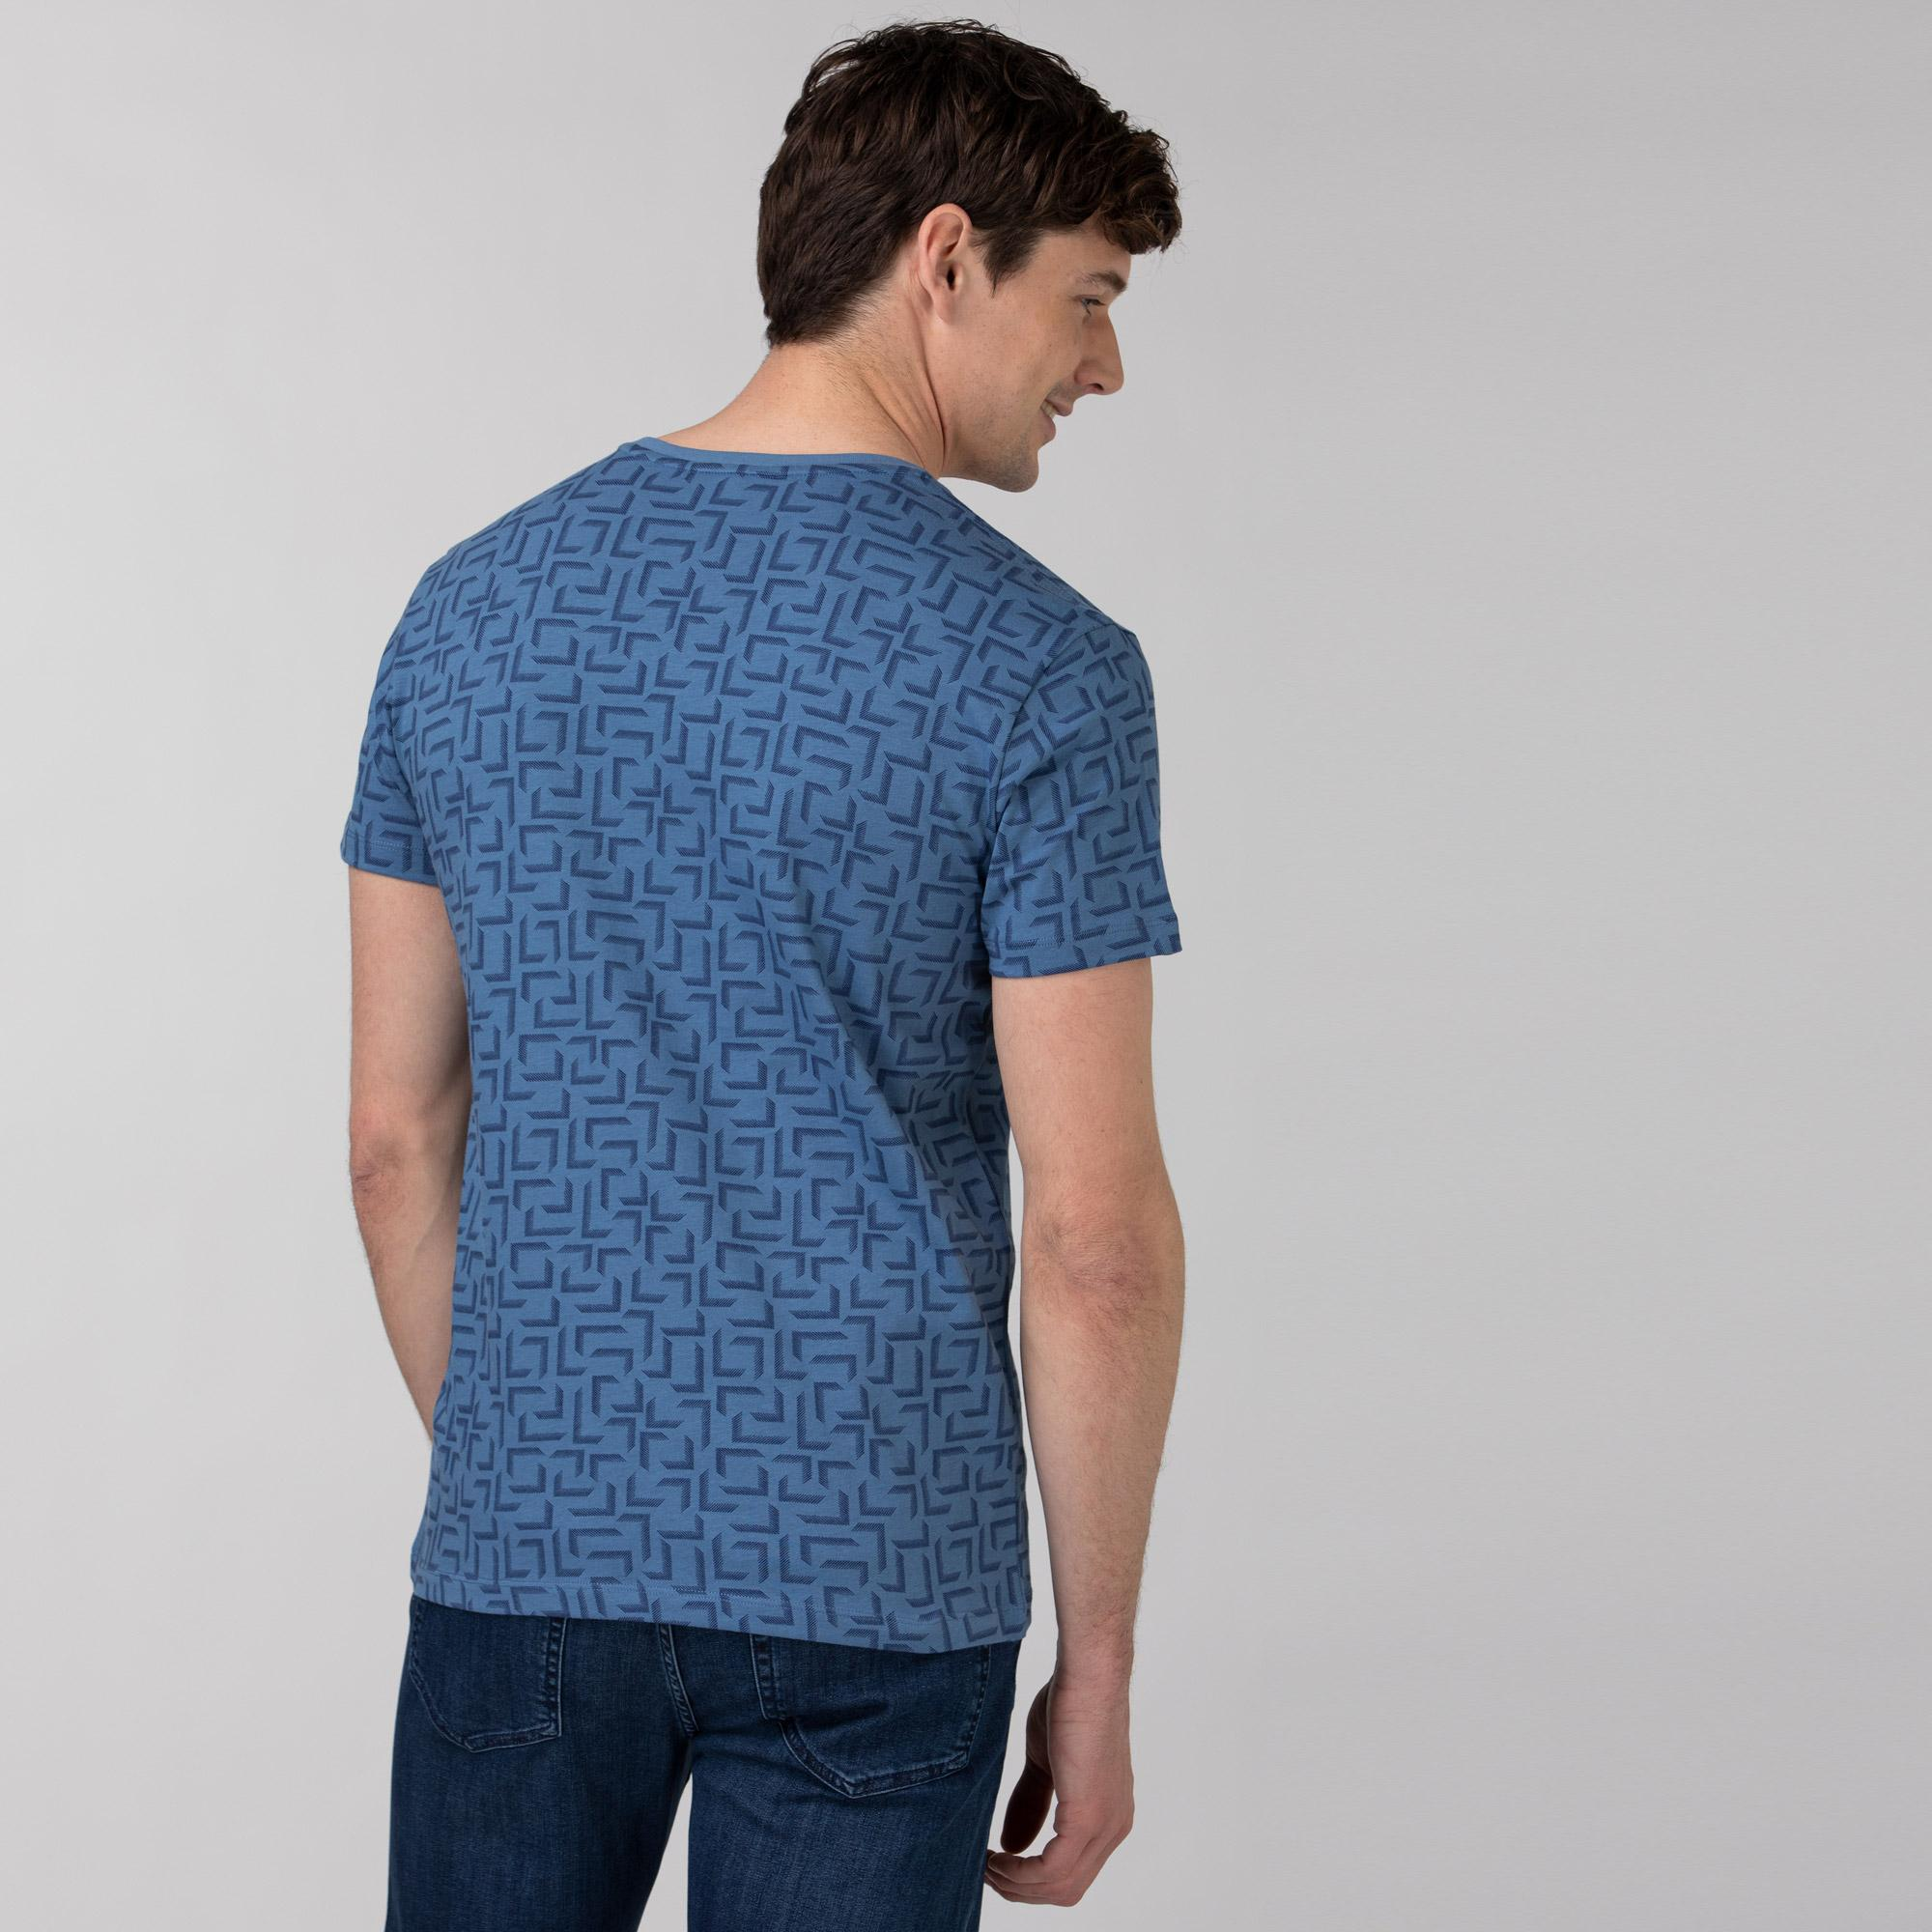 Lacoste Erkek Slim Fit V Yaka Desenli Mavi T-Shirt